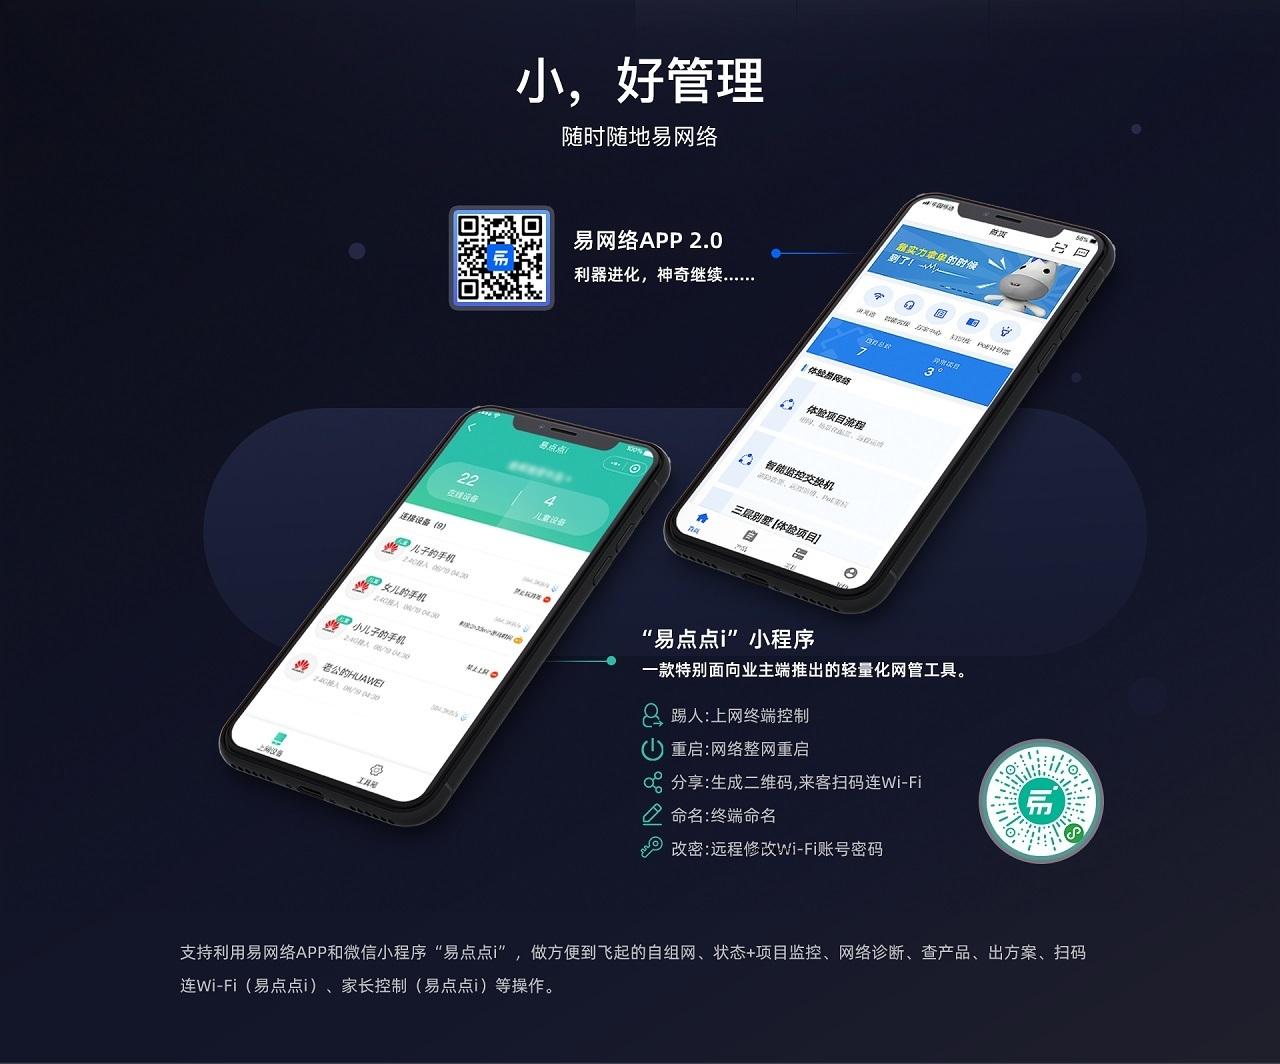 锐捷RG-EG210G-P易网络POE网关5